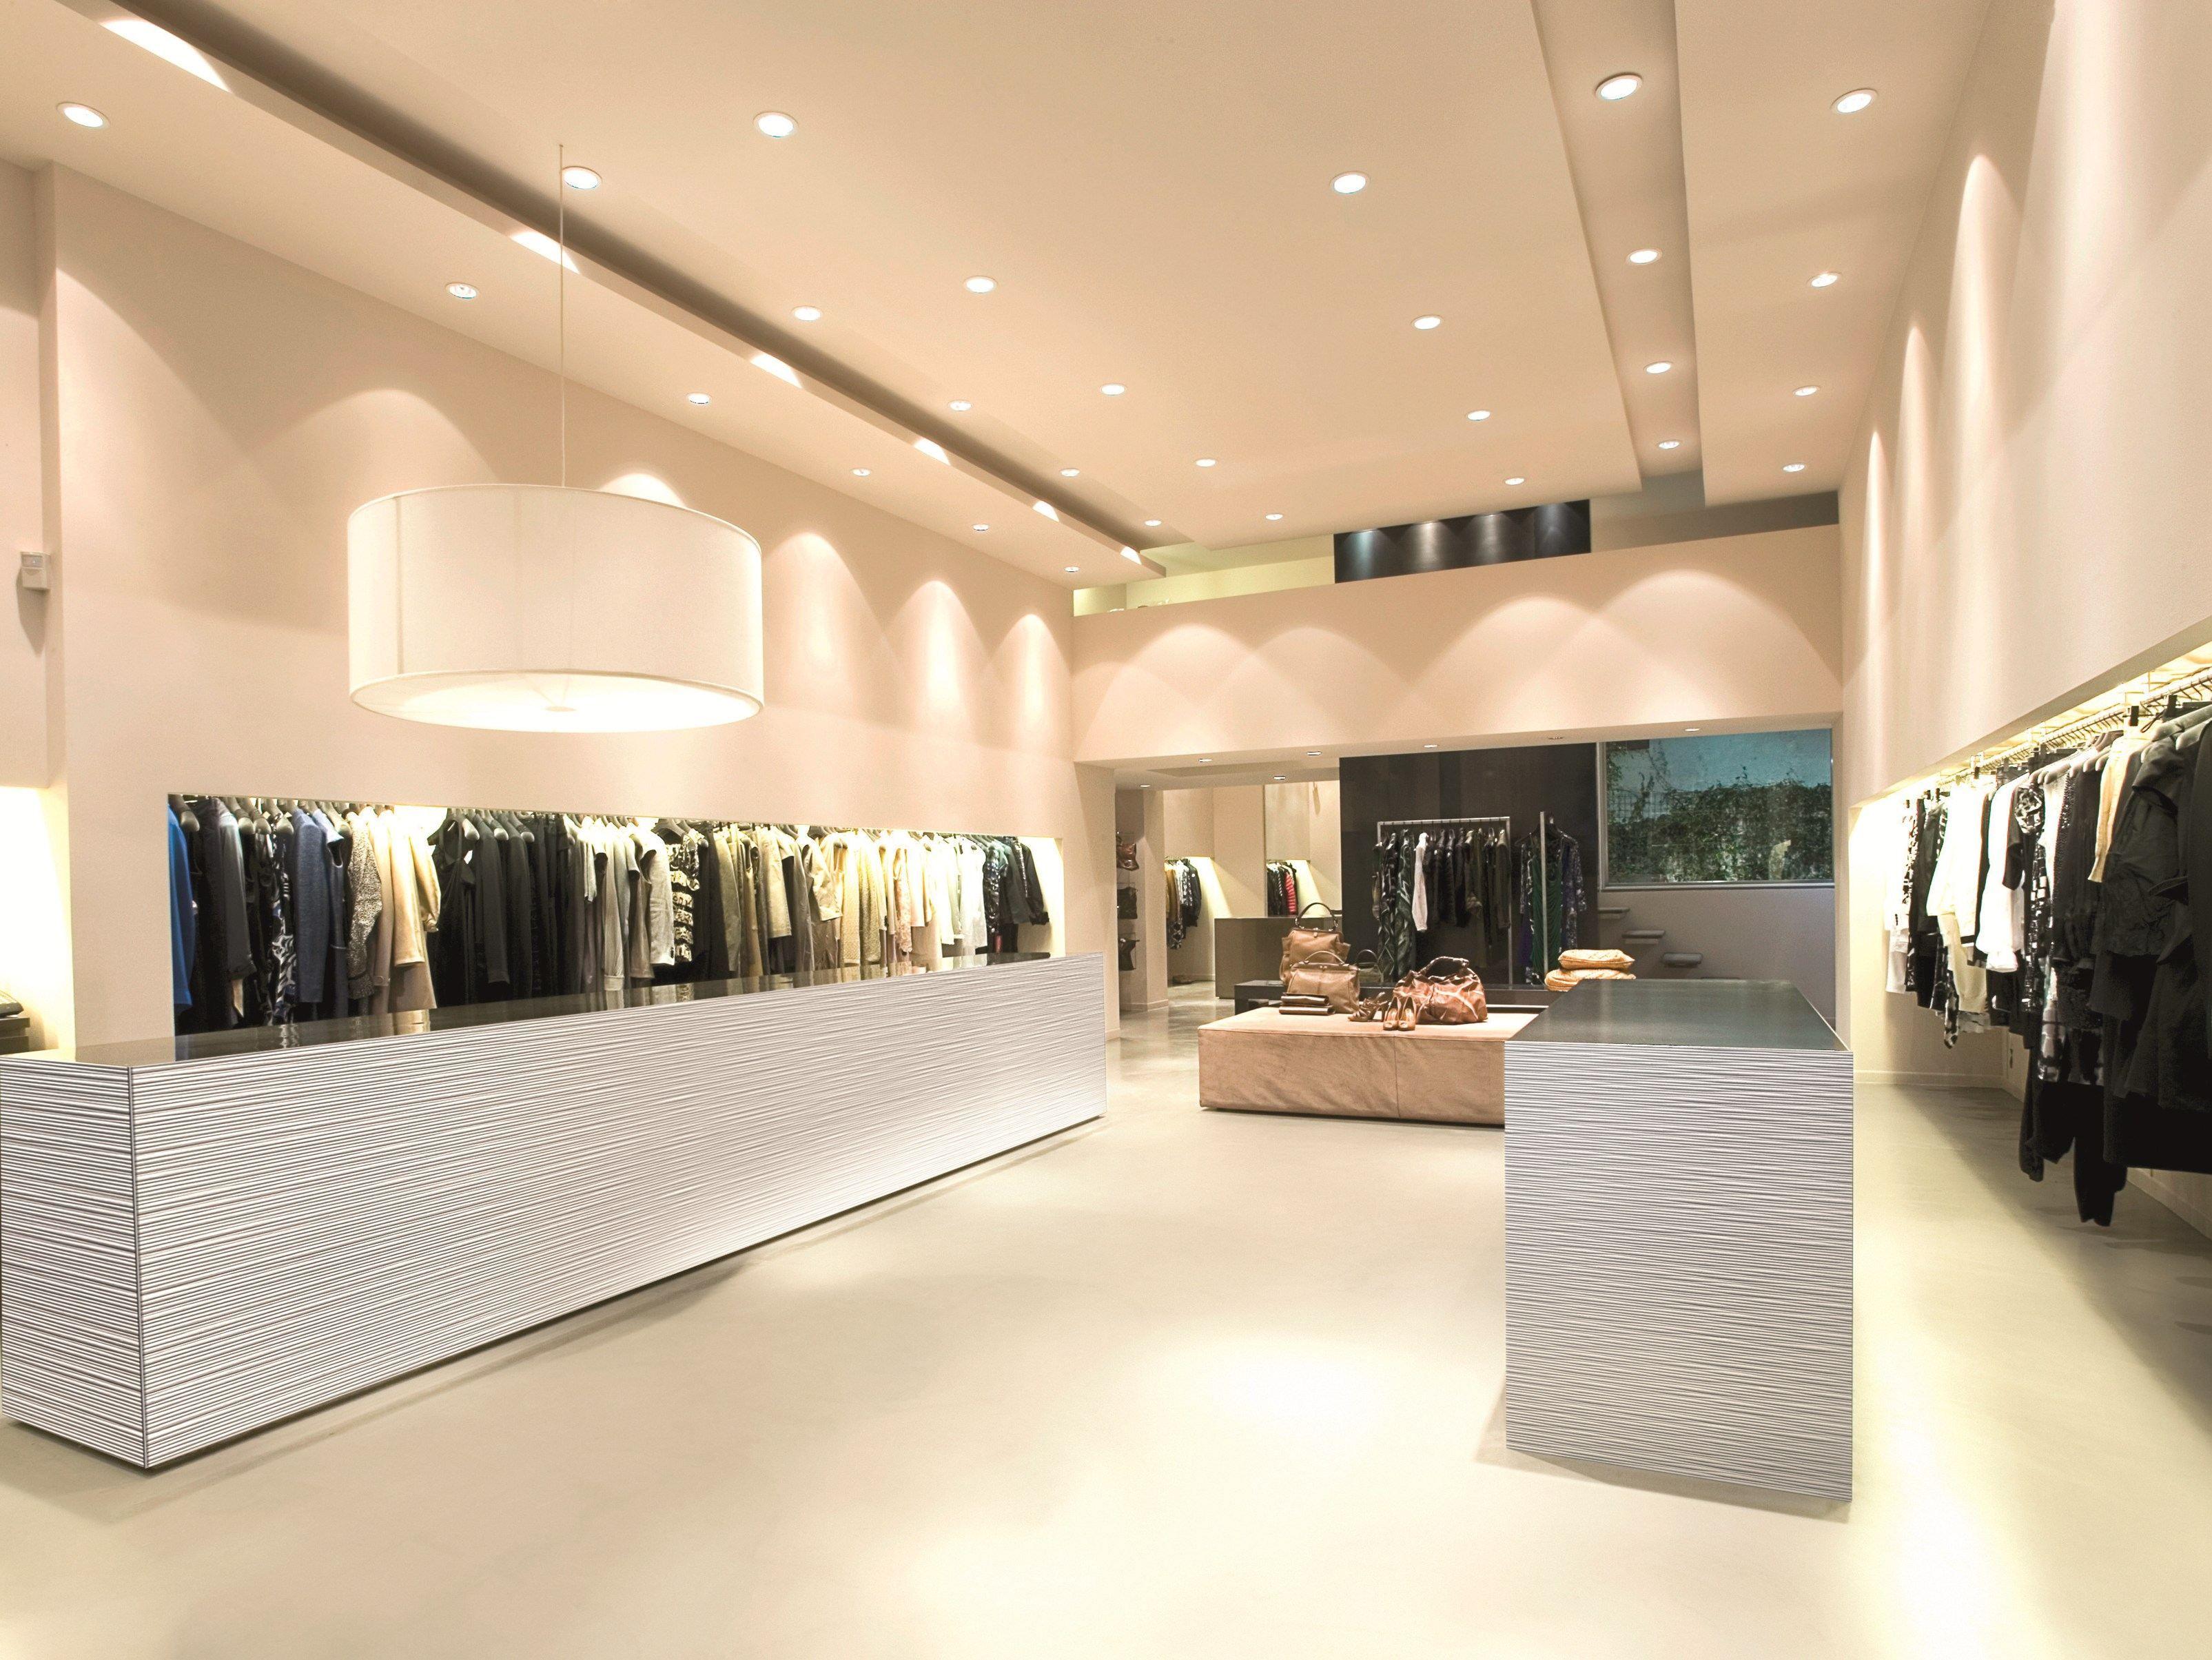 Arredo per negozi in laminato di alluminio starline by for Arredi per negozi abbigliamento